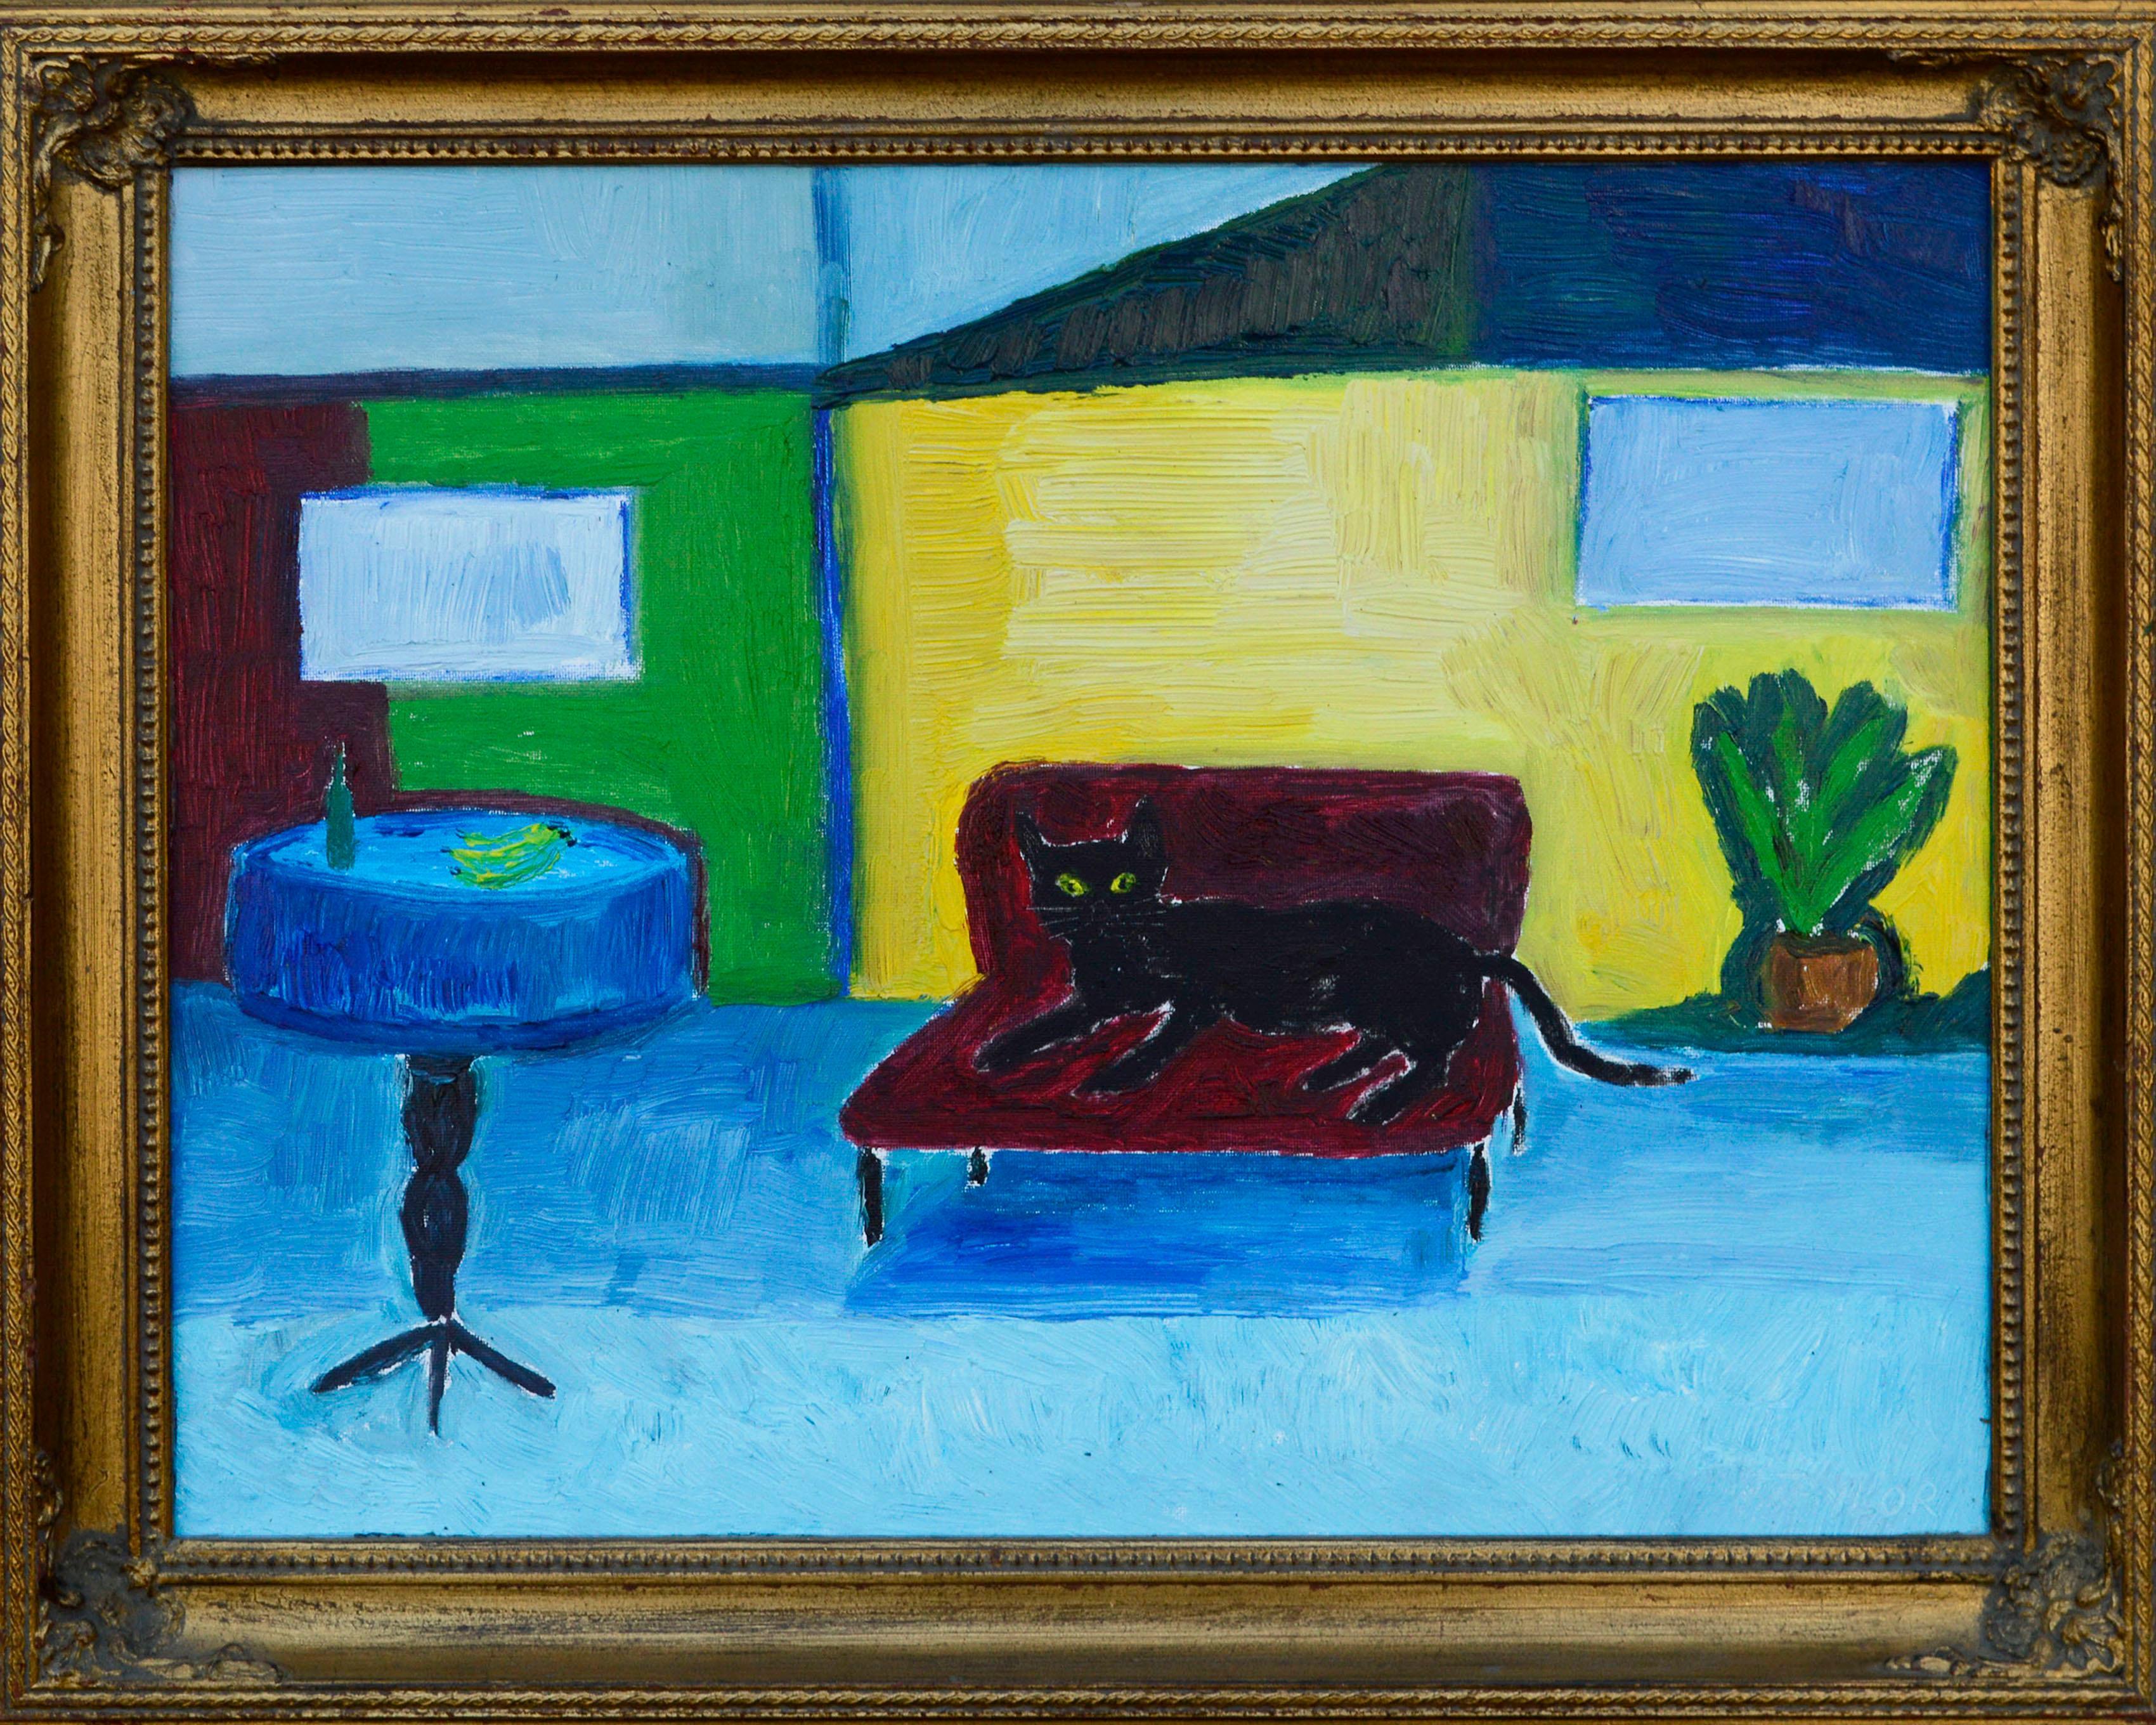 Red Couch, Black Cat - Fauvist Interior Scene